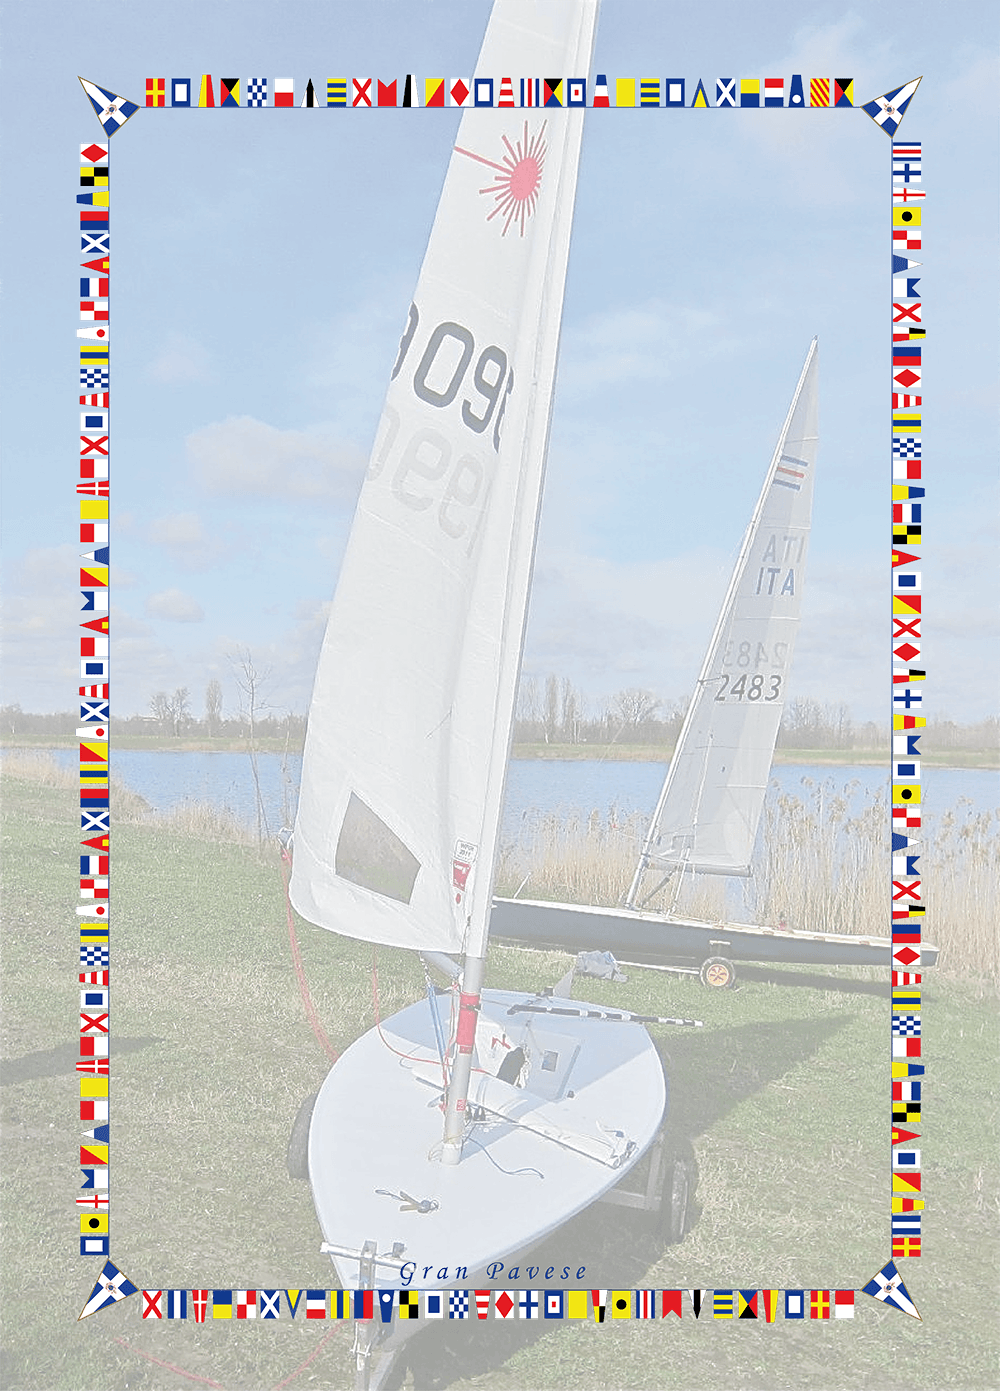 immagine di due barche a vela su dei carrelli e le bandiere di alcune nazioni che fungono da contorno della cornice